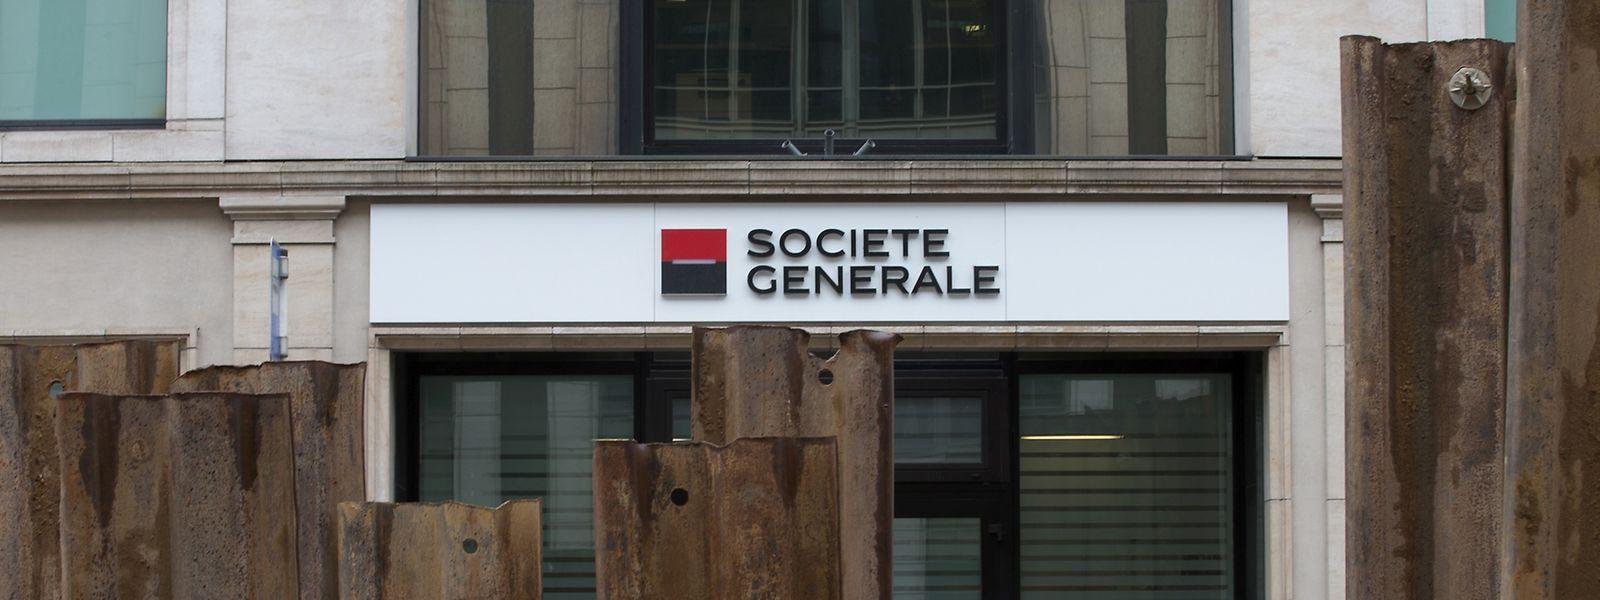 """979 Briefkastenfirmen wurden seit 1977 gegründet, davon zwei Drittel über die """"Société Générale Bank & Trust Luxembourg""""."""